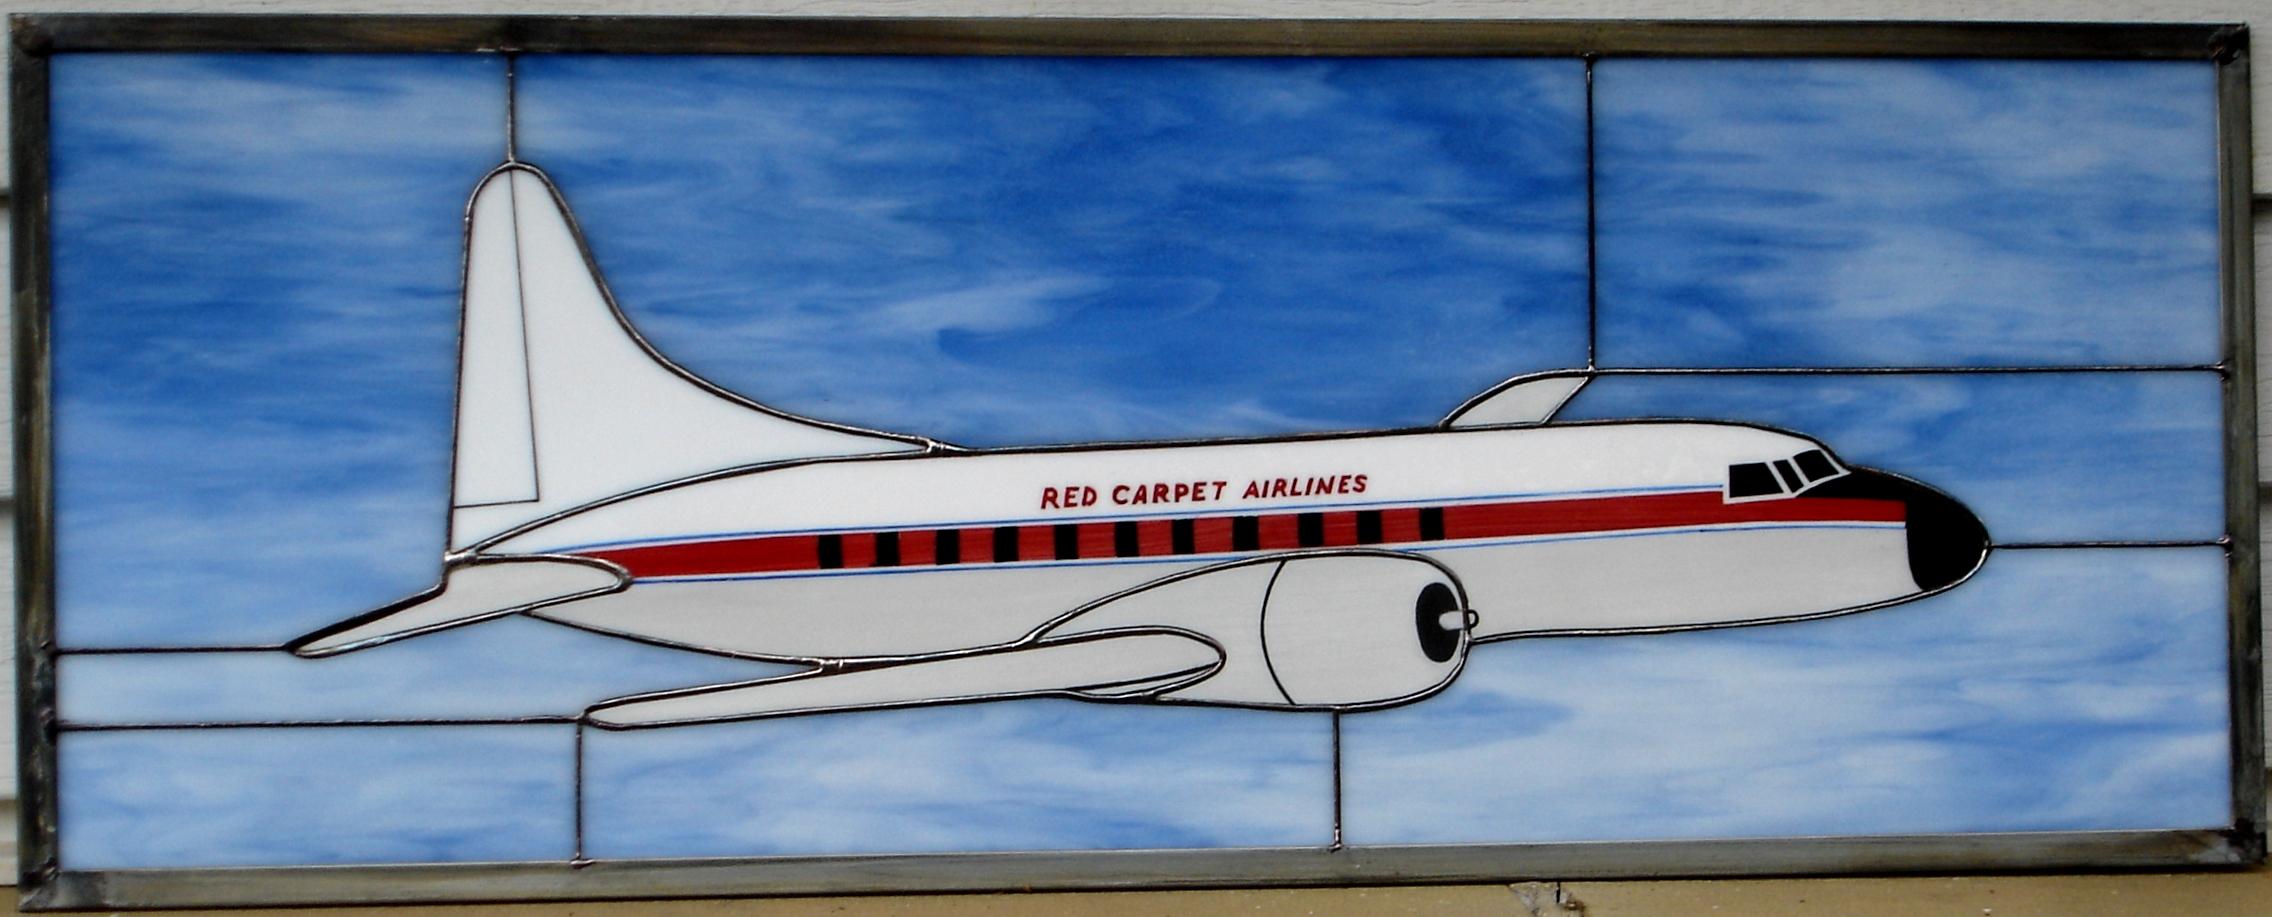 Red Carpet Airlines Convair 440